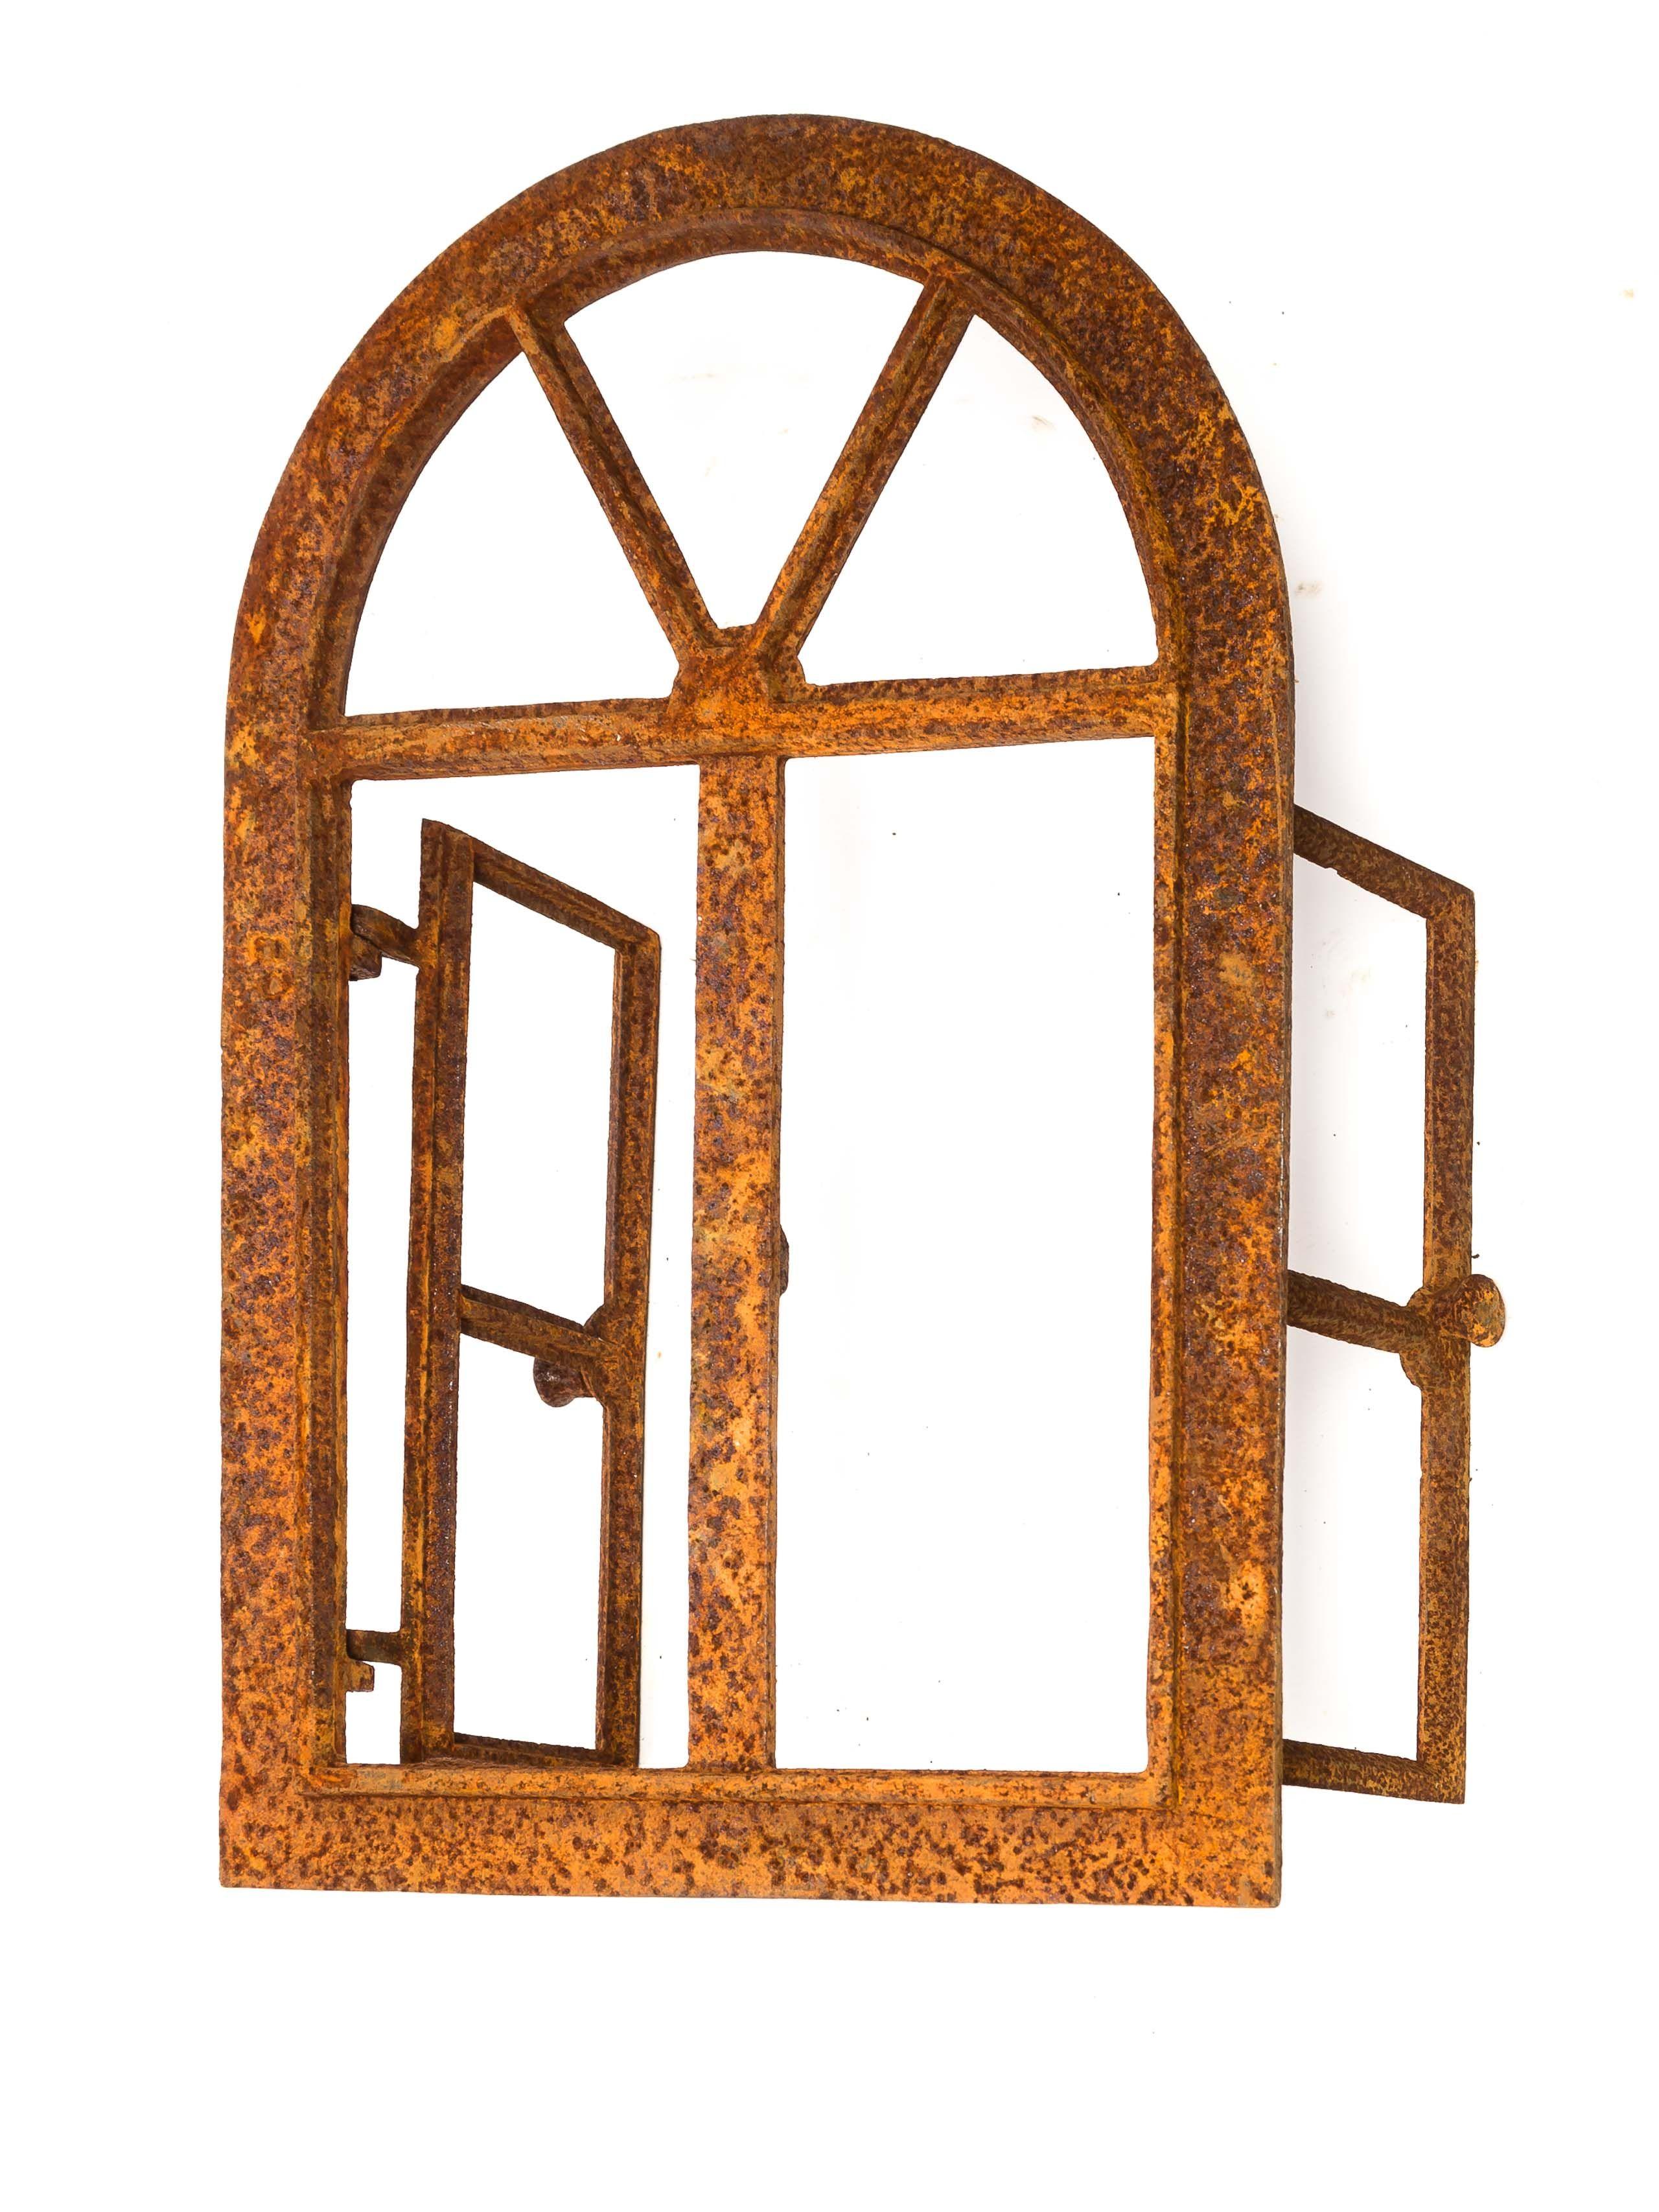 Stallfenster Fenster Scheunenfenster Eisen grau 46 x 74cm Antik-Stil